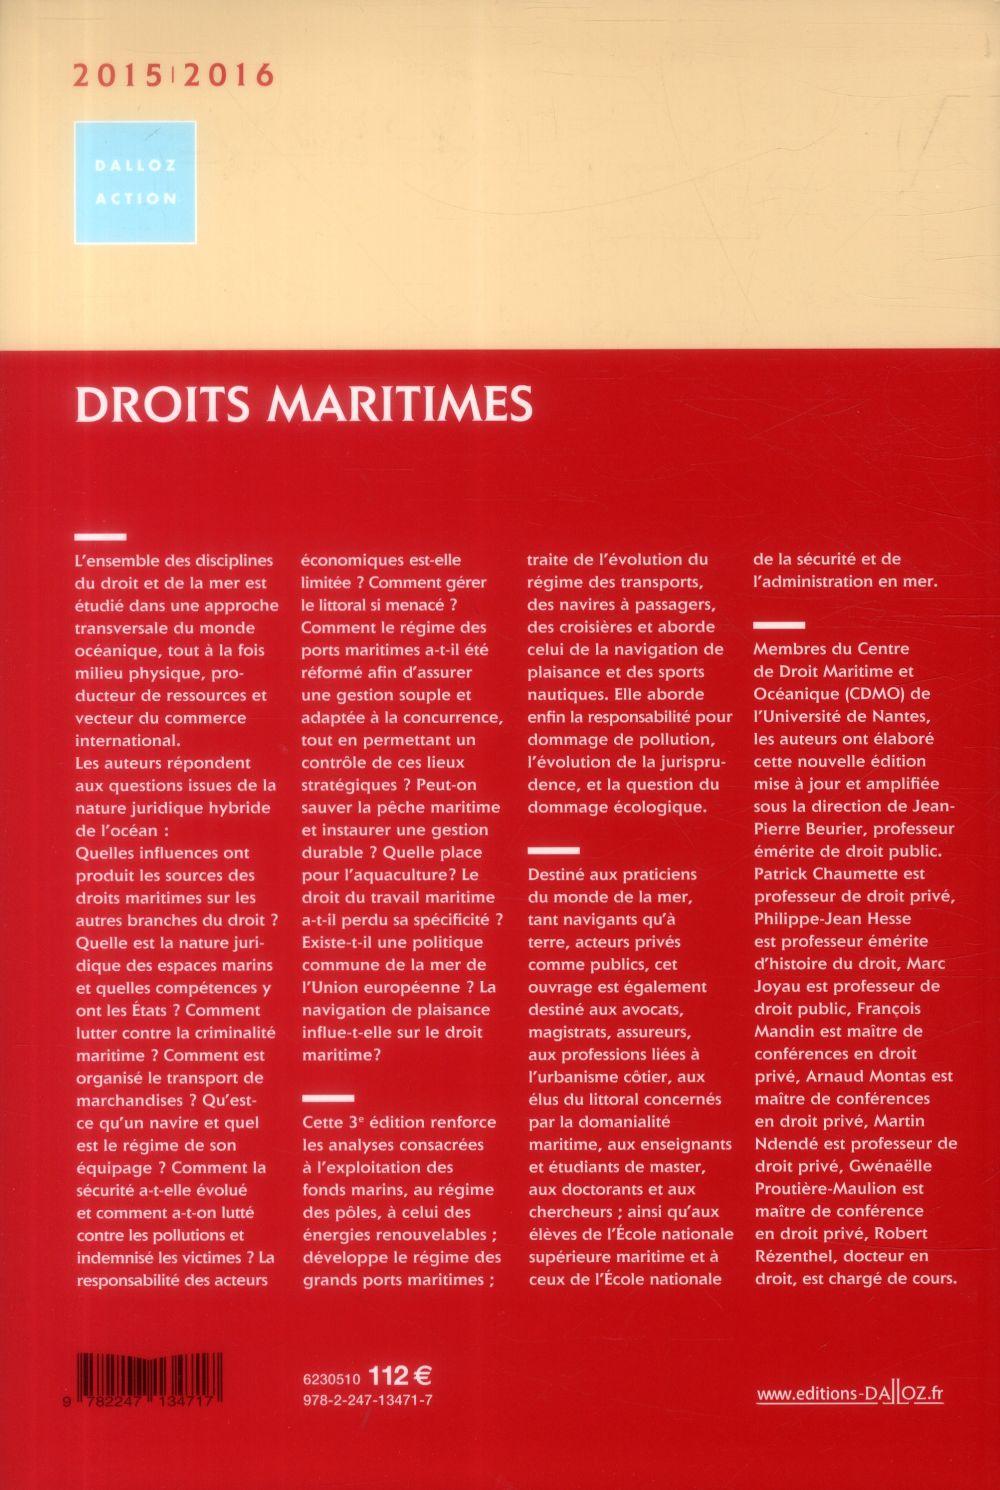 Droits maritimes (édition 2015/2016)